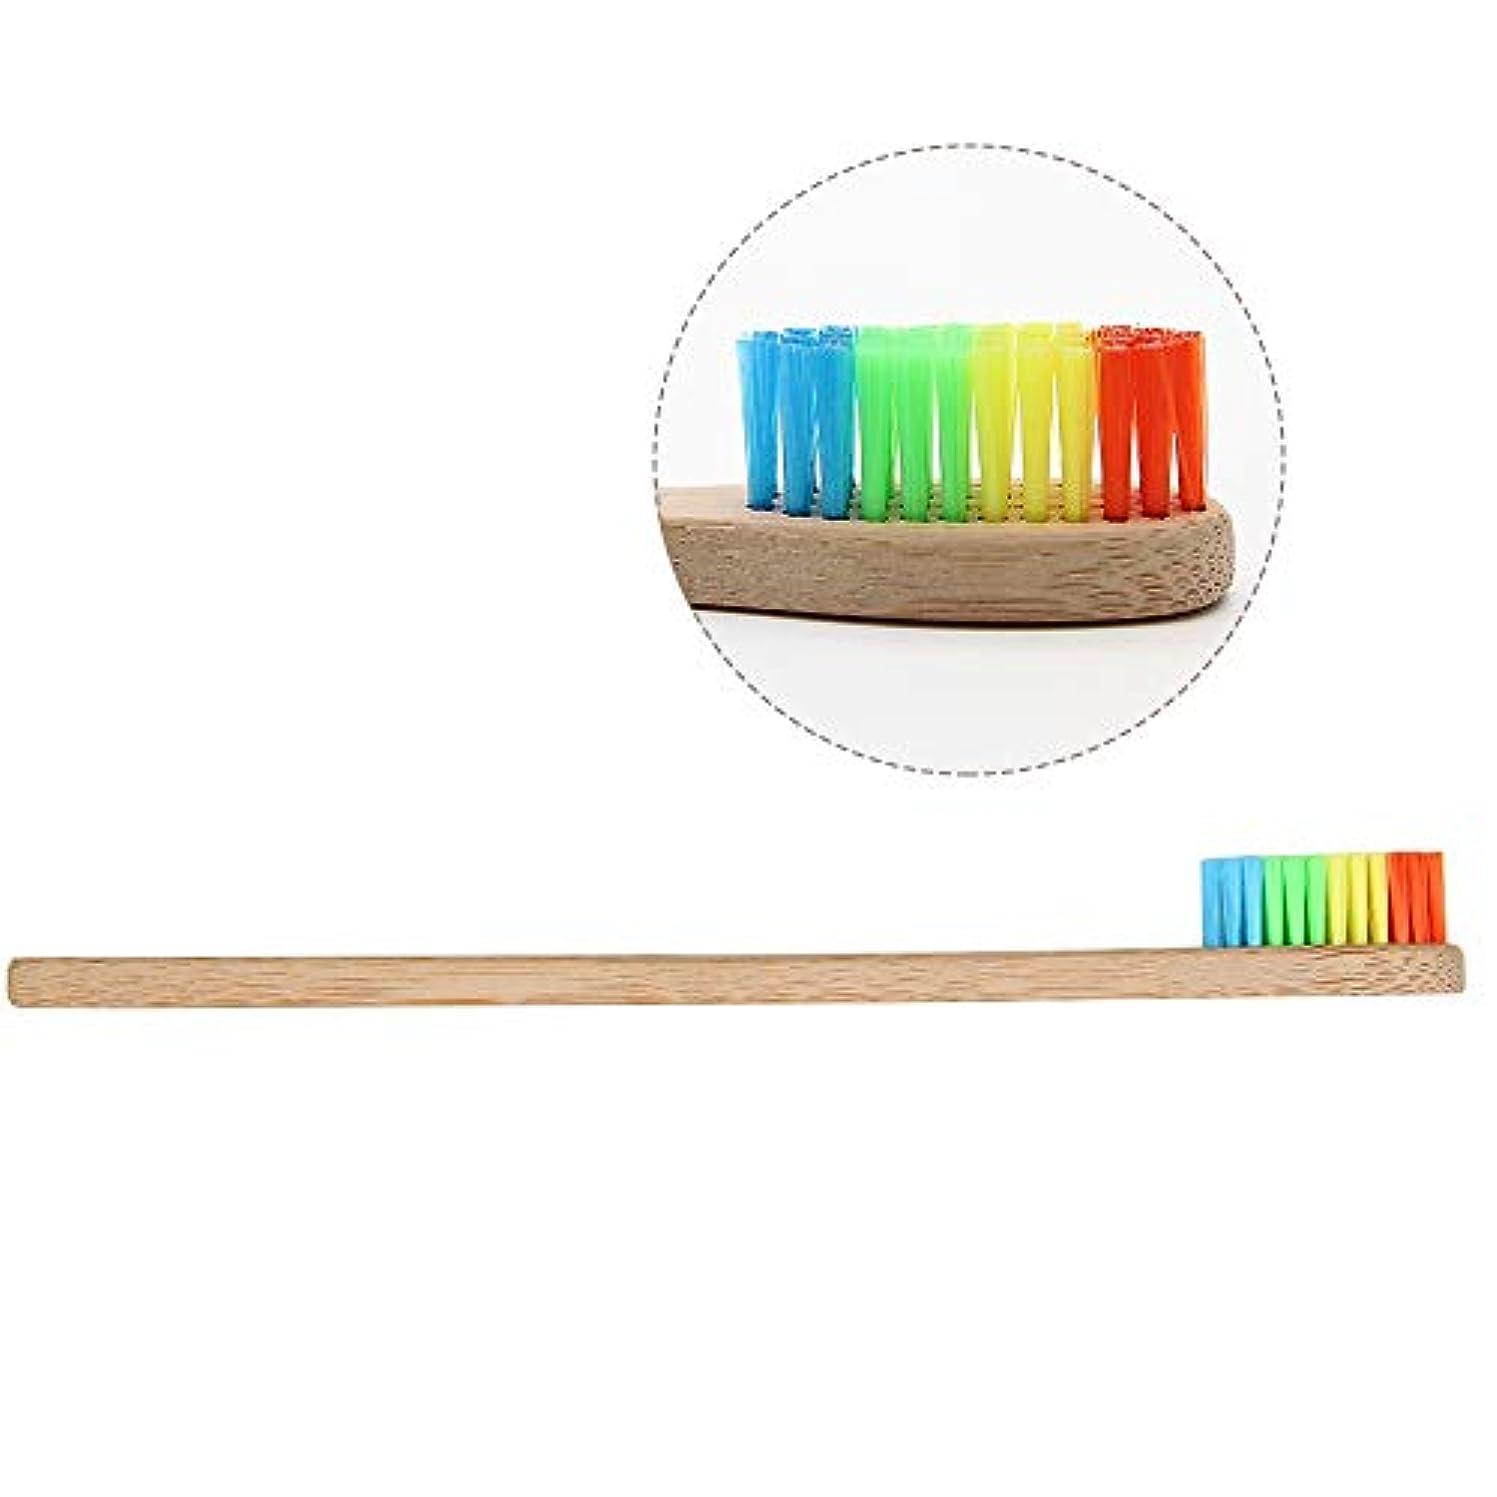 組放射性絶妙Afang 高品質2 PCSオーラルケアソフト毛カラフルヘッドレインボー竹歯ブラシ